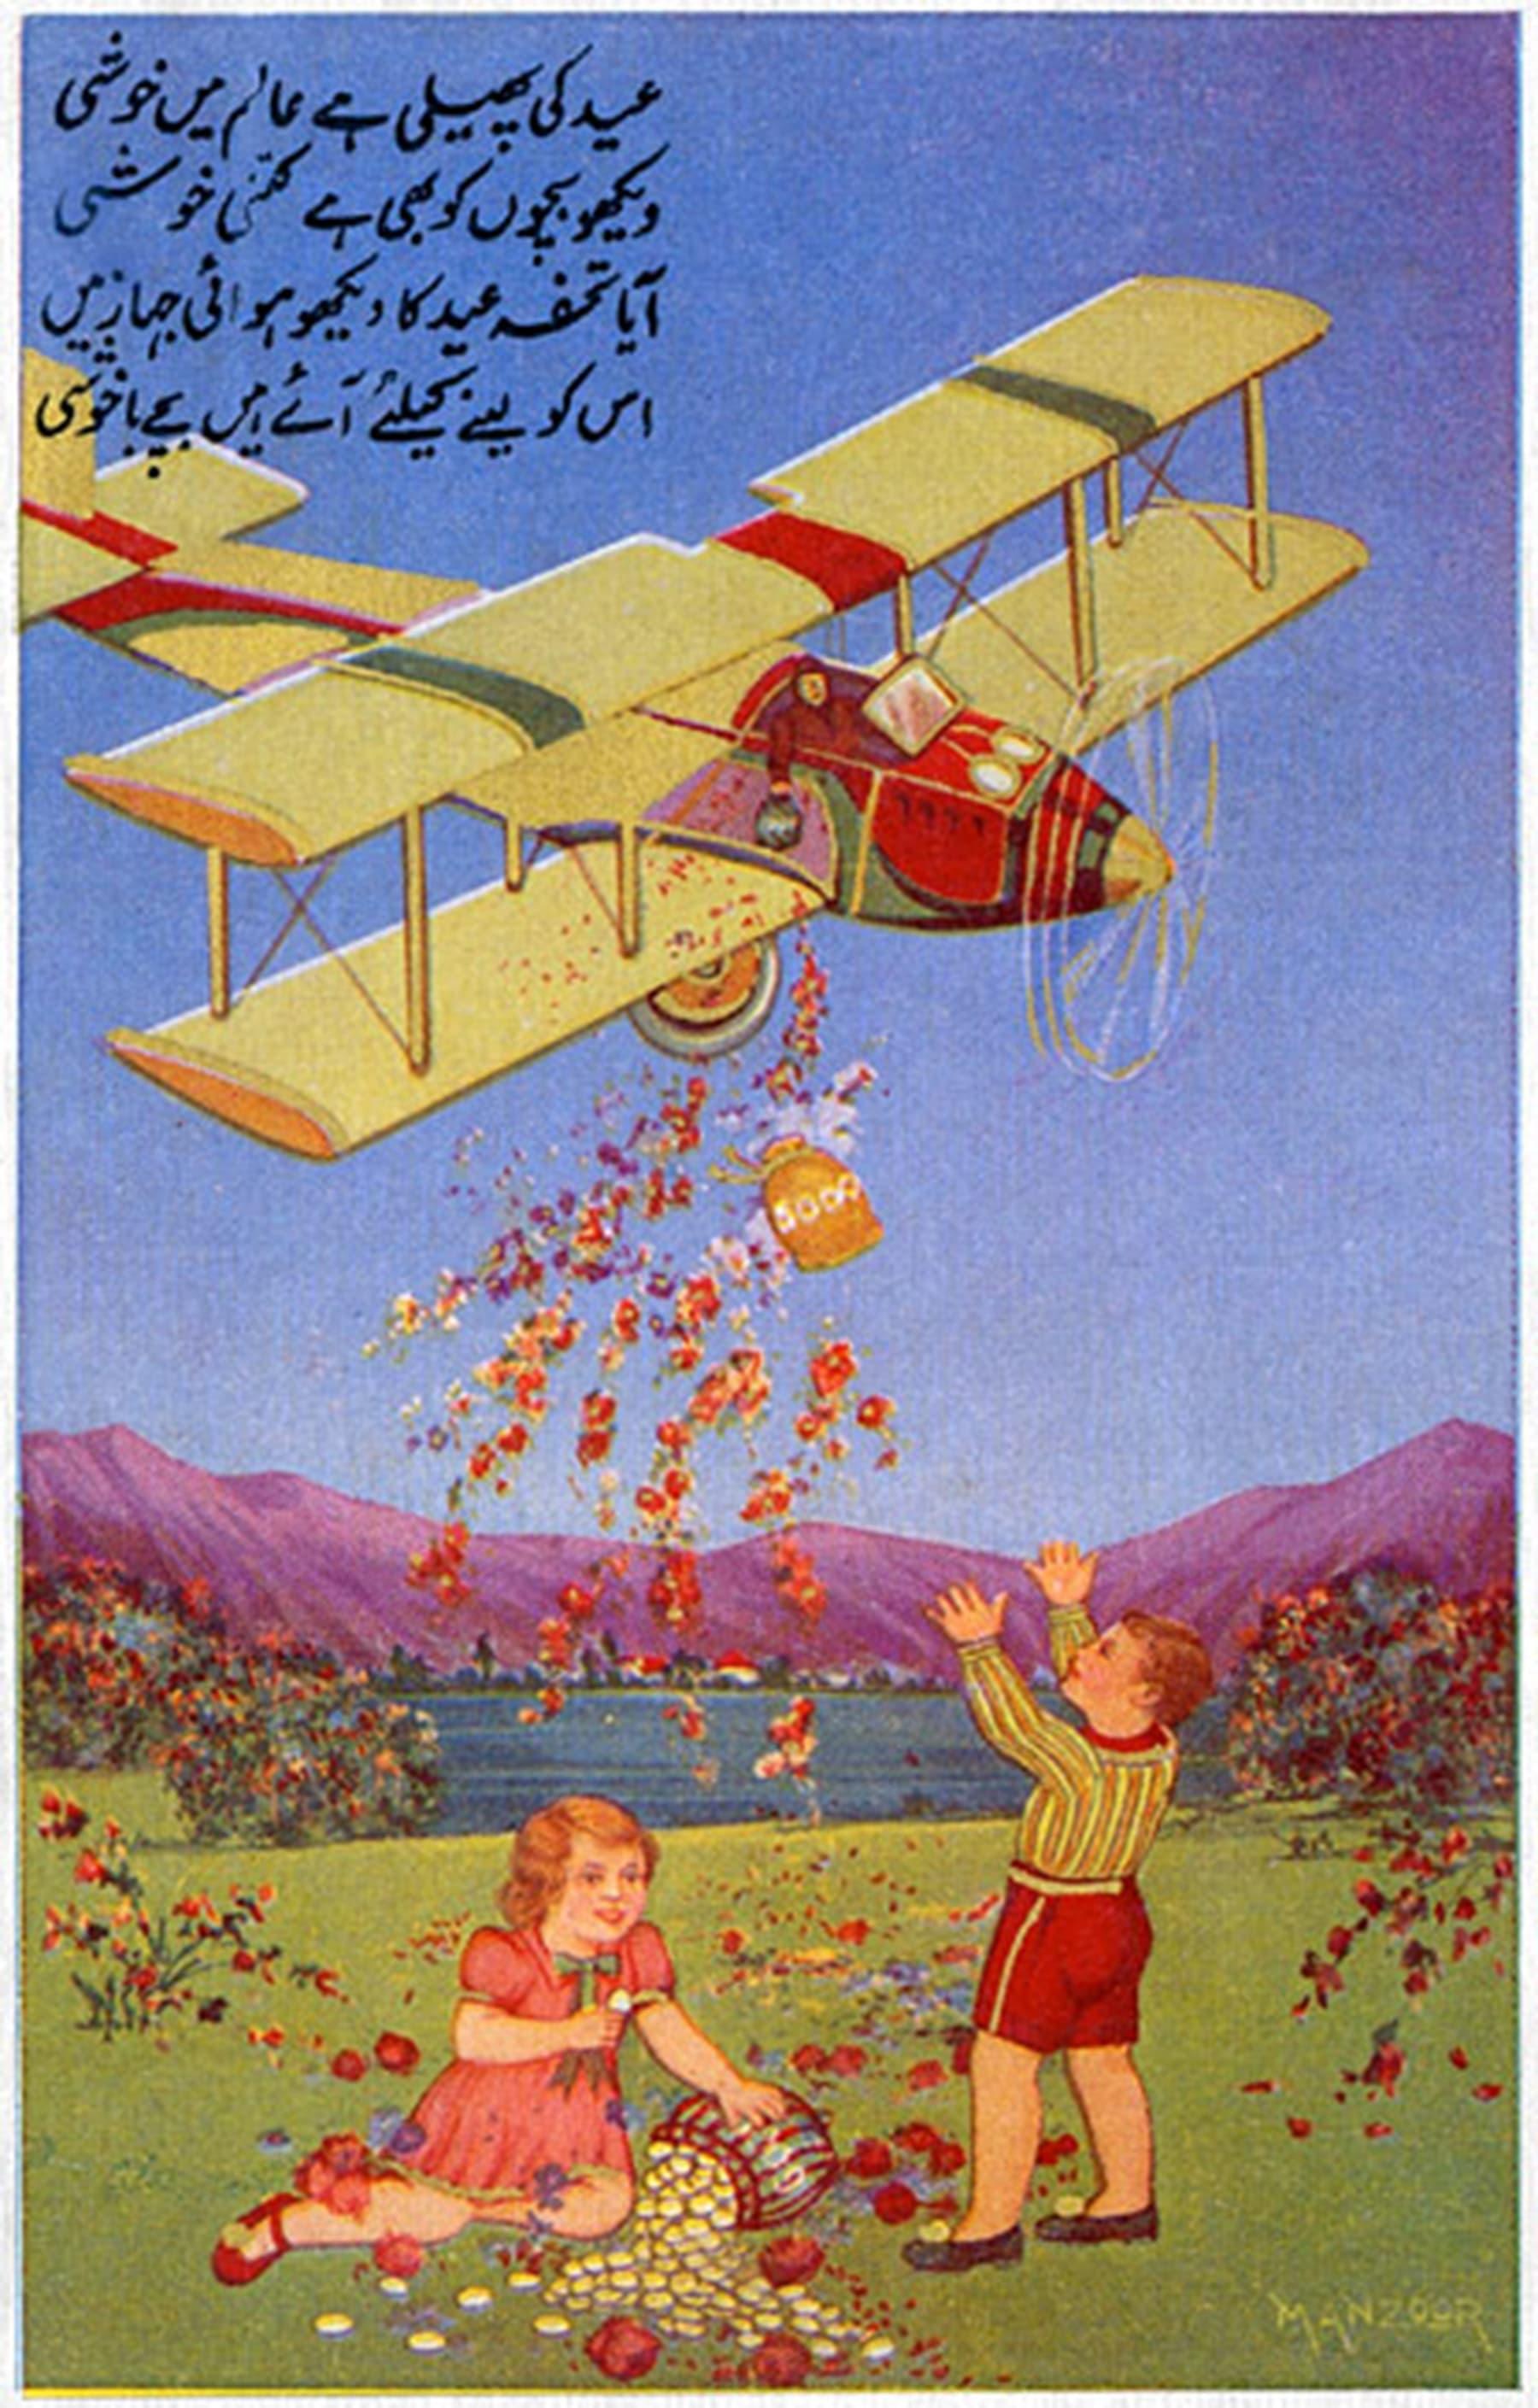 بچوں کے لیے شبر ٹی کارپوریشن کا شائع کردہ عید کارڈ۔